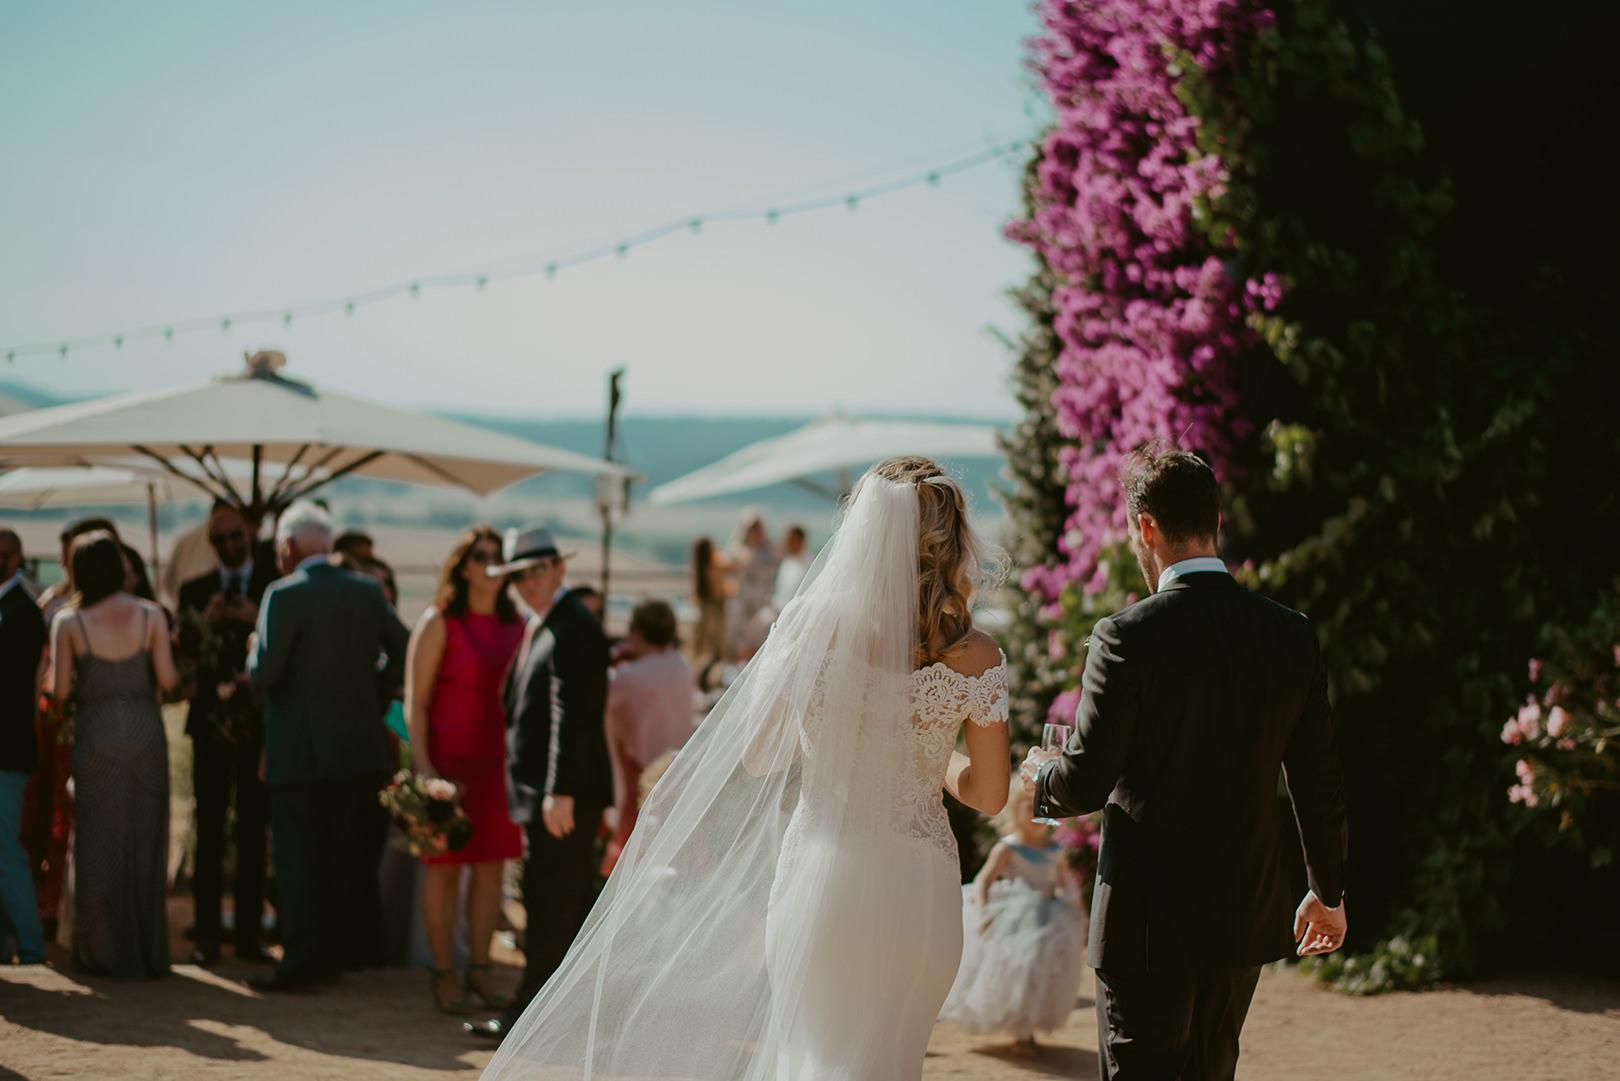 Bride and groom entering reception in Spain